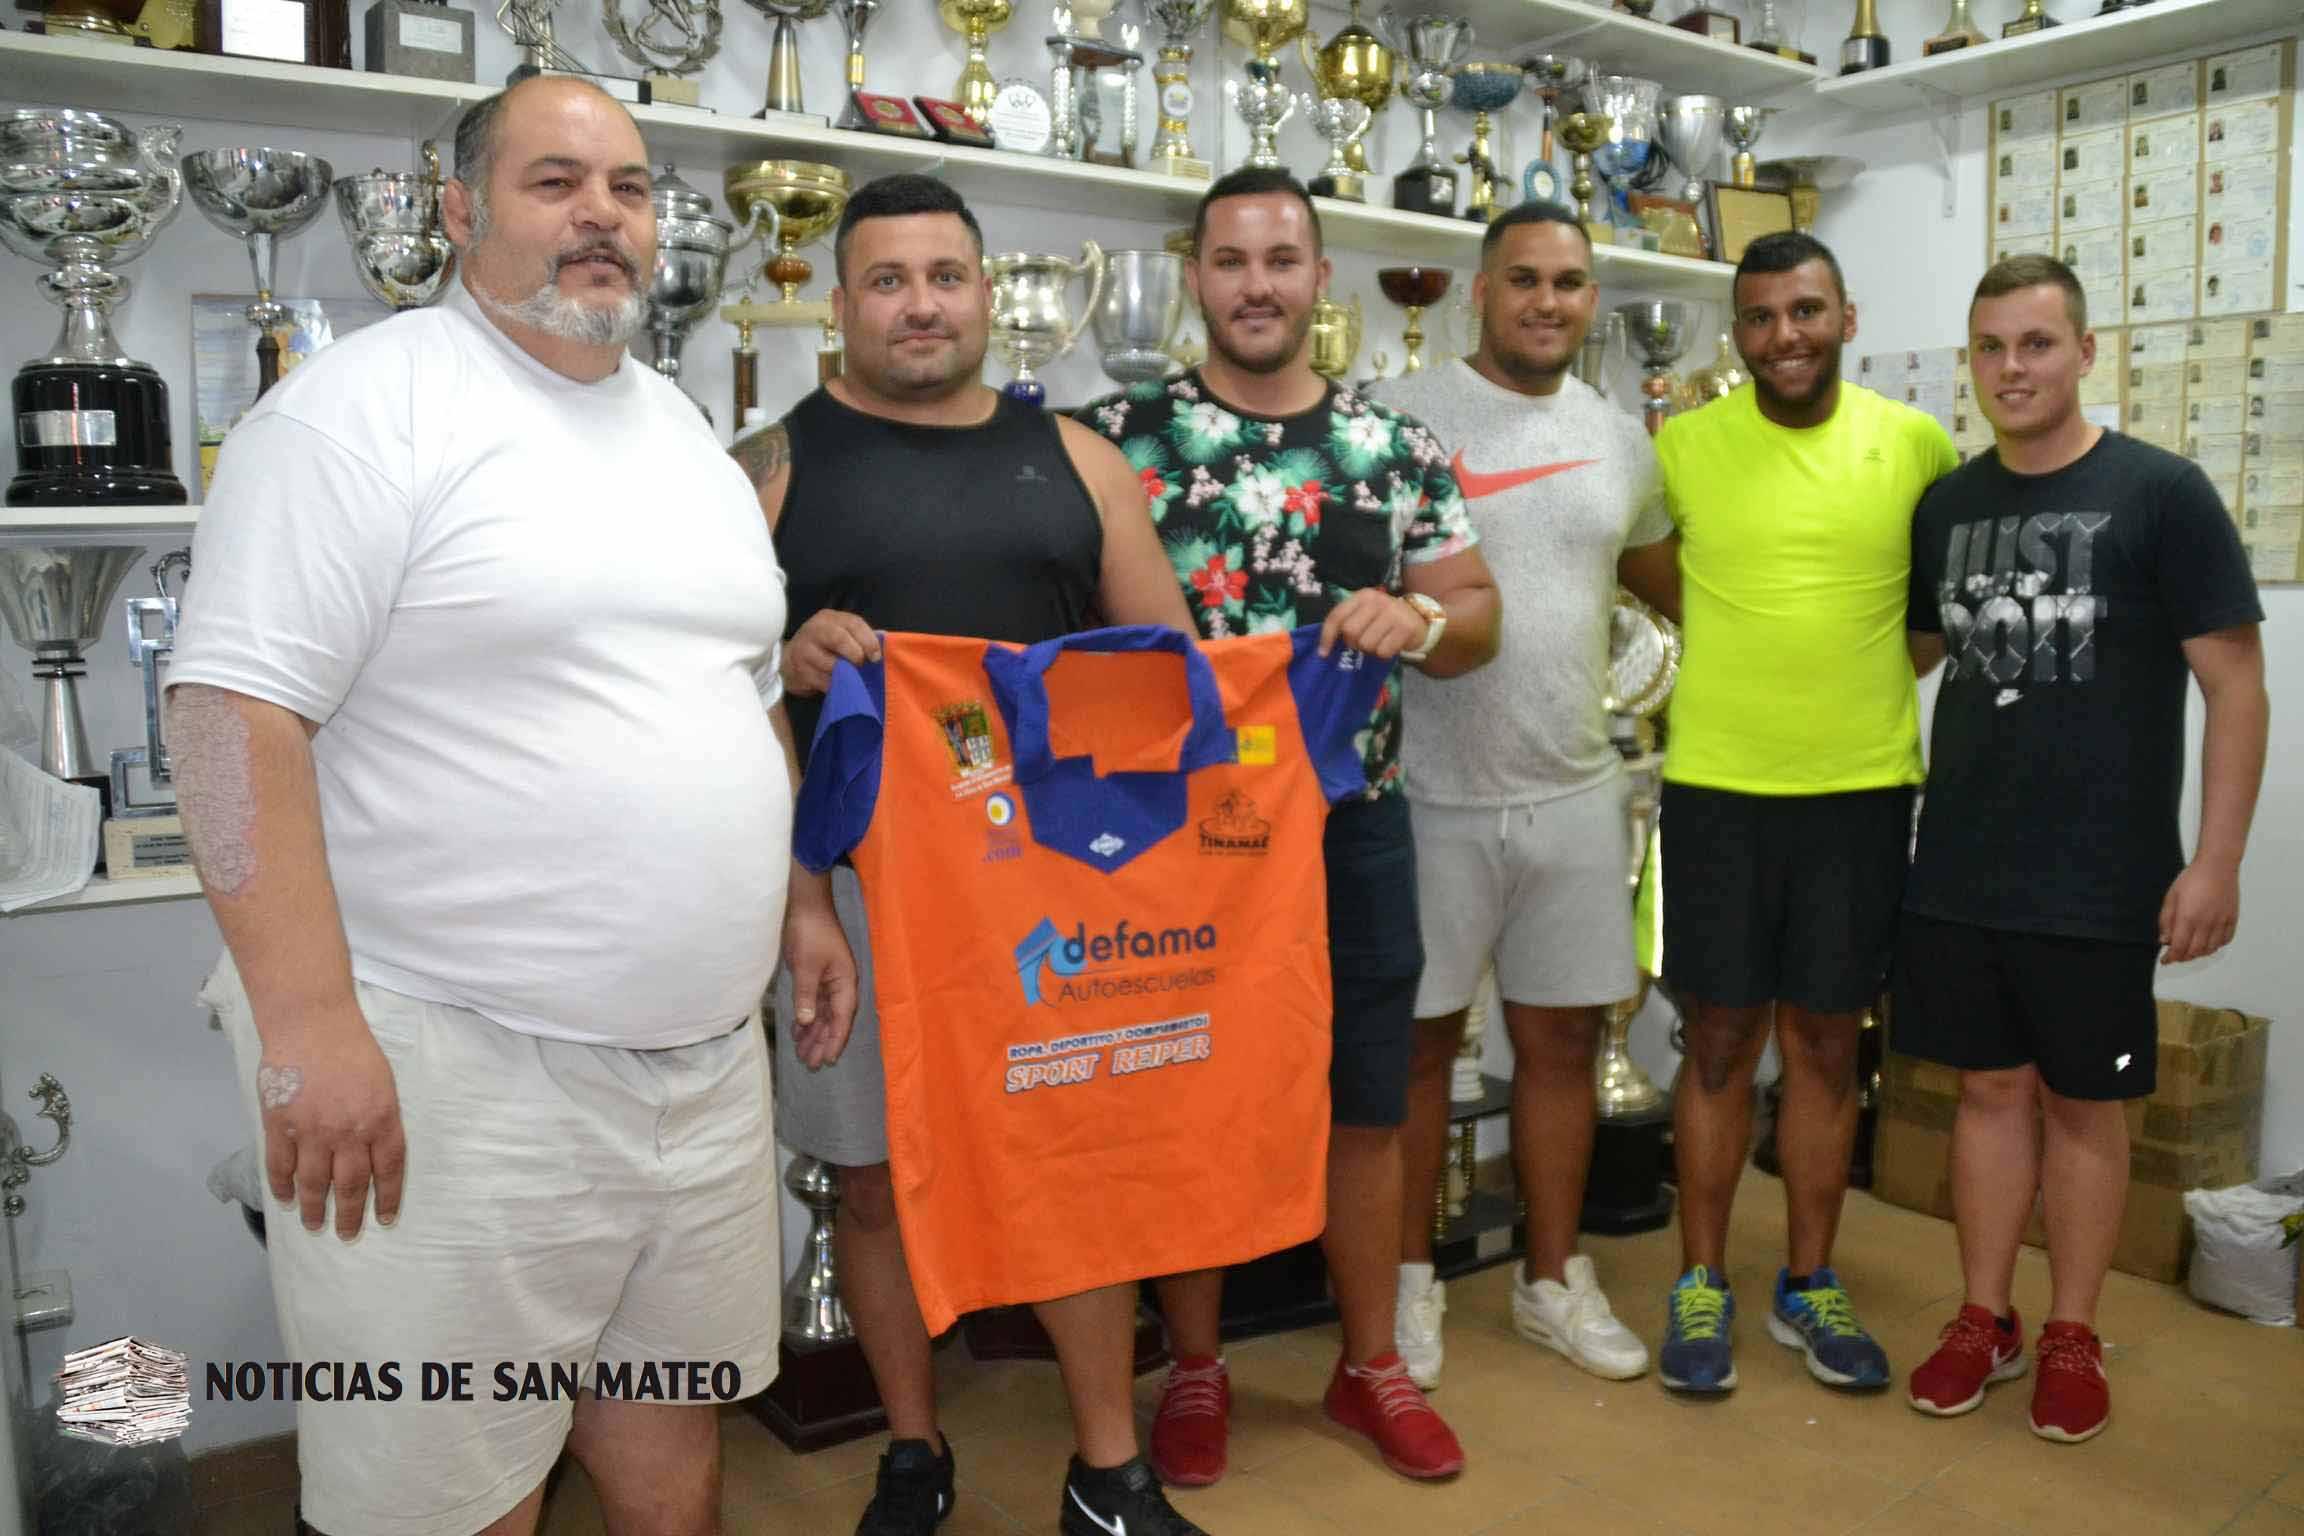 renovaciones y fichajes club de lucha tinamar Noticias de San Mateo Laura Miranda